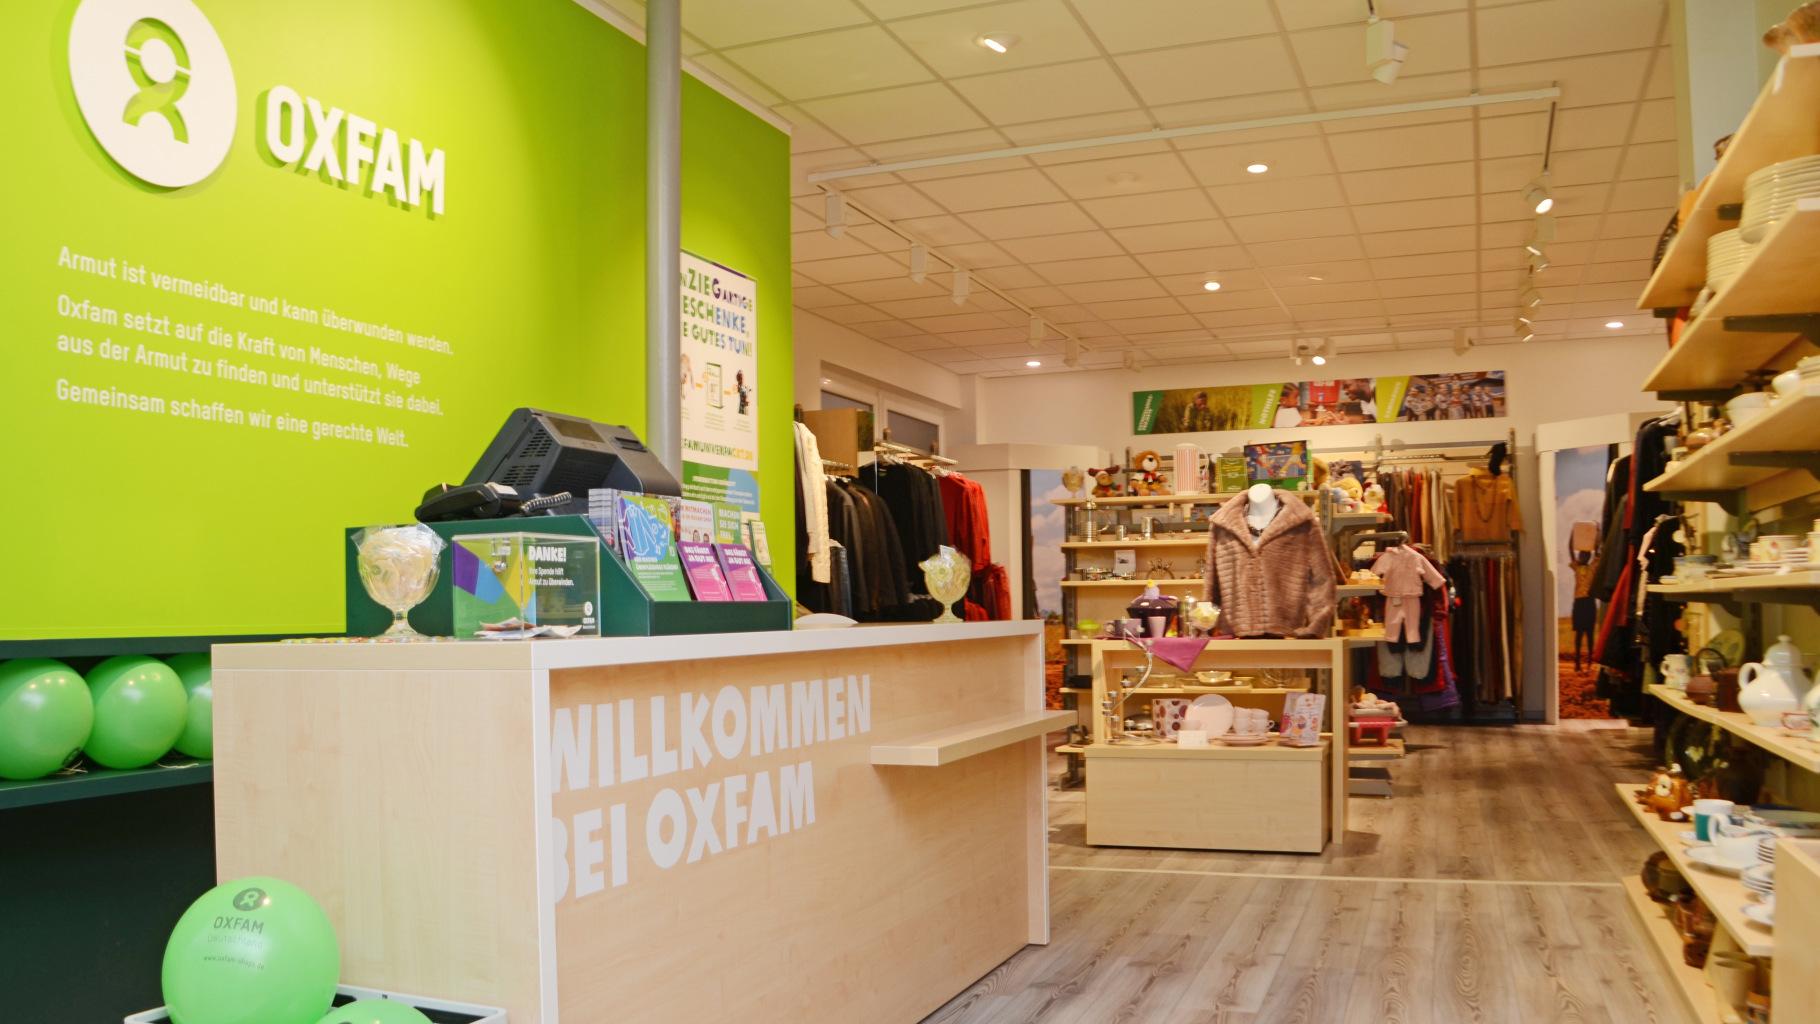 Oxfam Shop Essen - Innenansicht